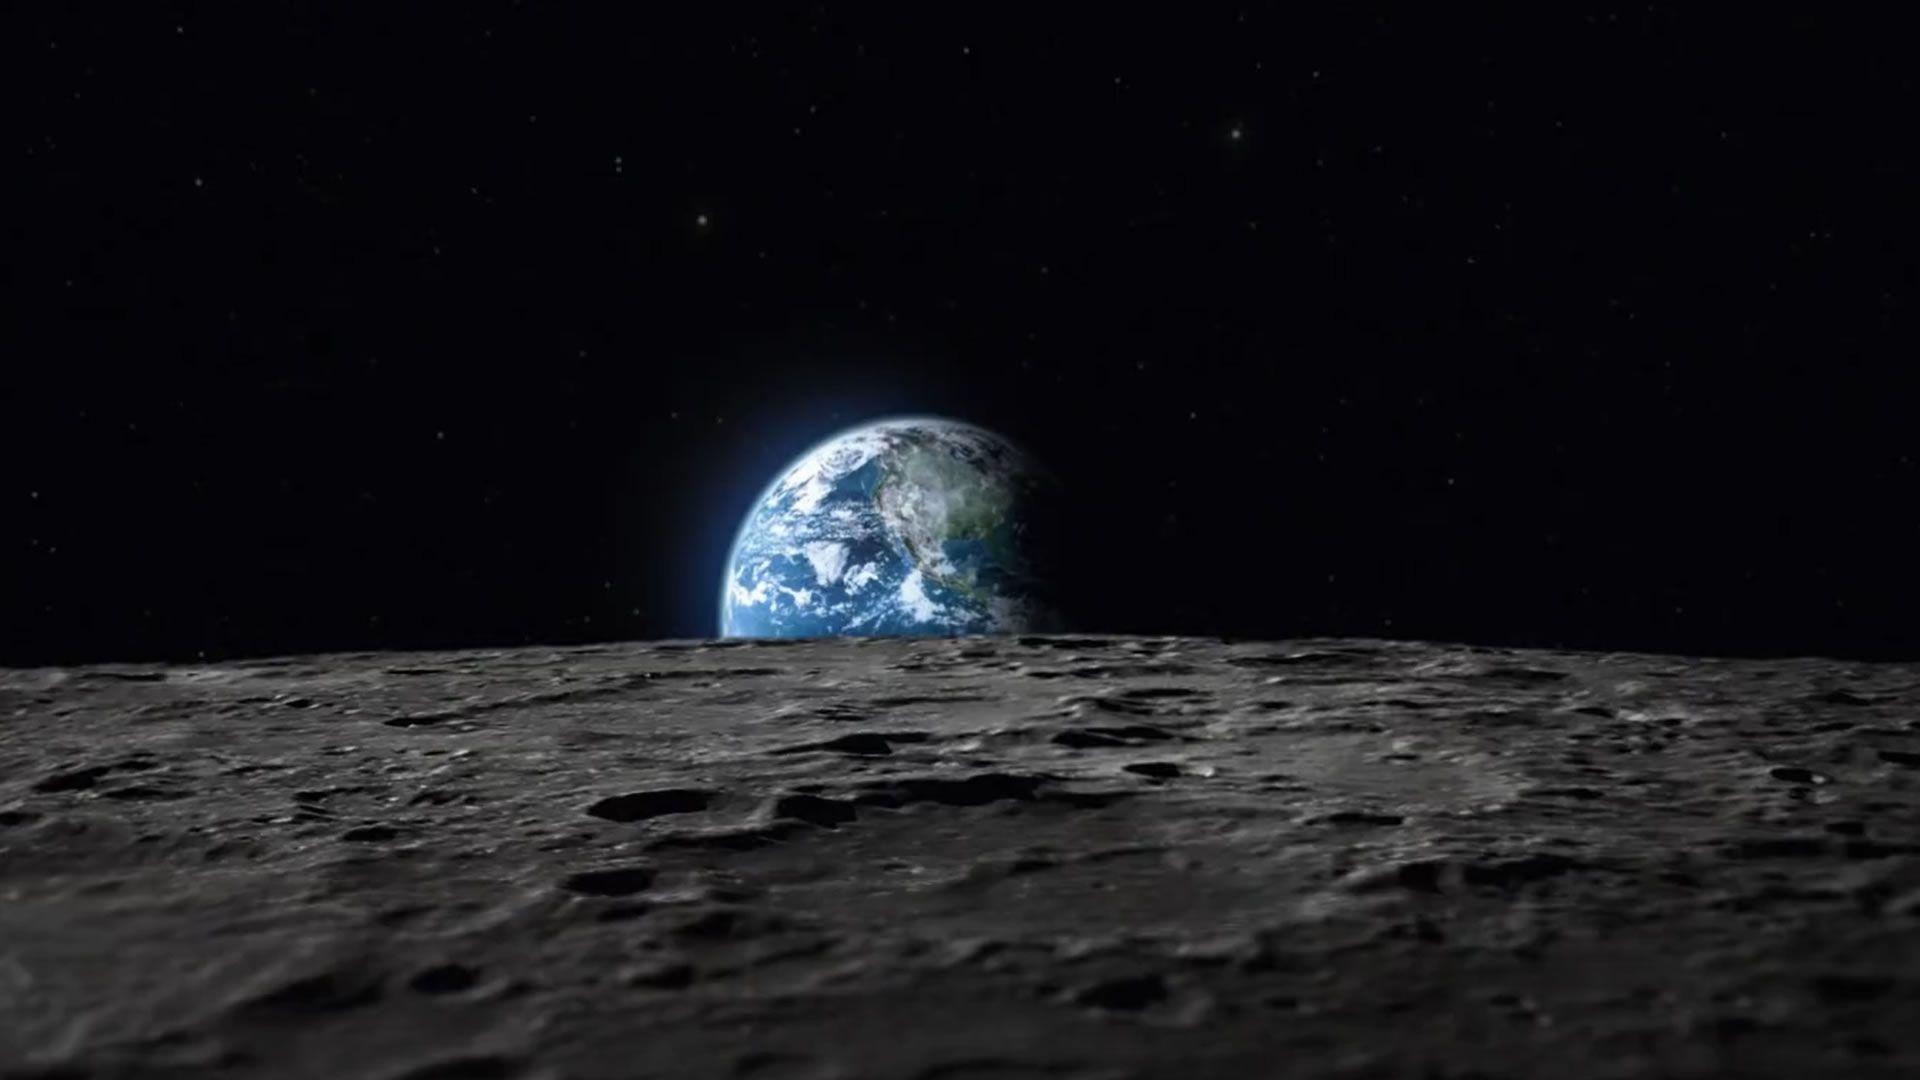 Quién es el primer millonario que viajará a la Luna y llevará artistas con él